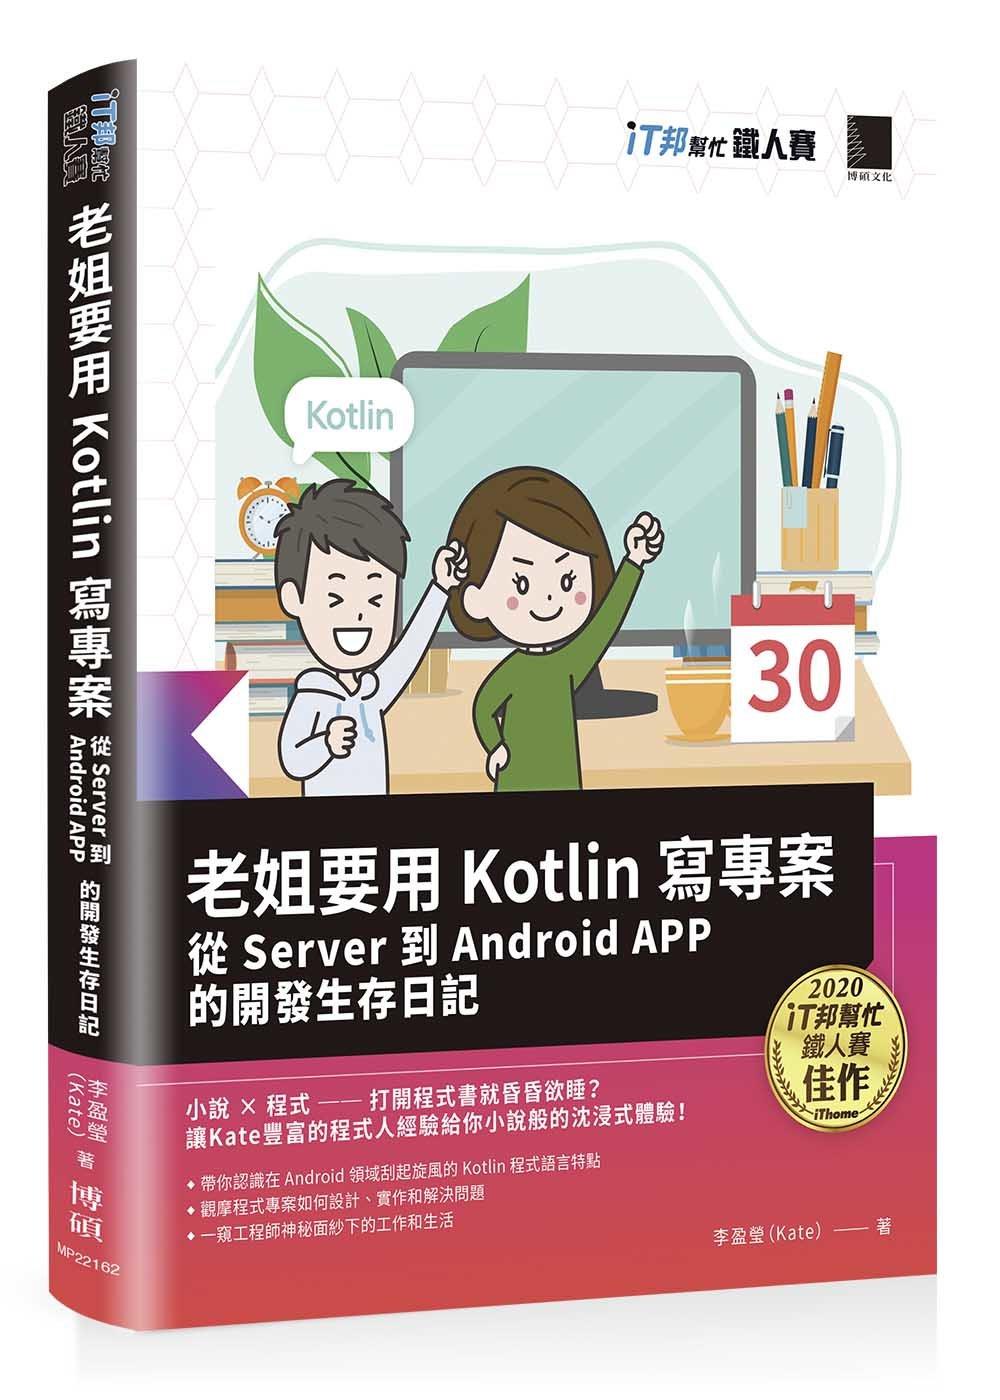 老姐要用 Kotlin 寫專案:從 Server 到 Android APP 的開發生存日記(iT邦幫忙鐵人賽系列書)-preview-1